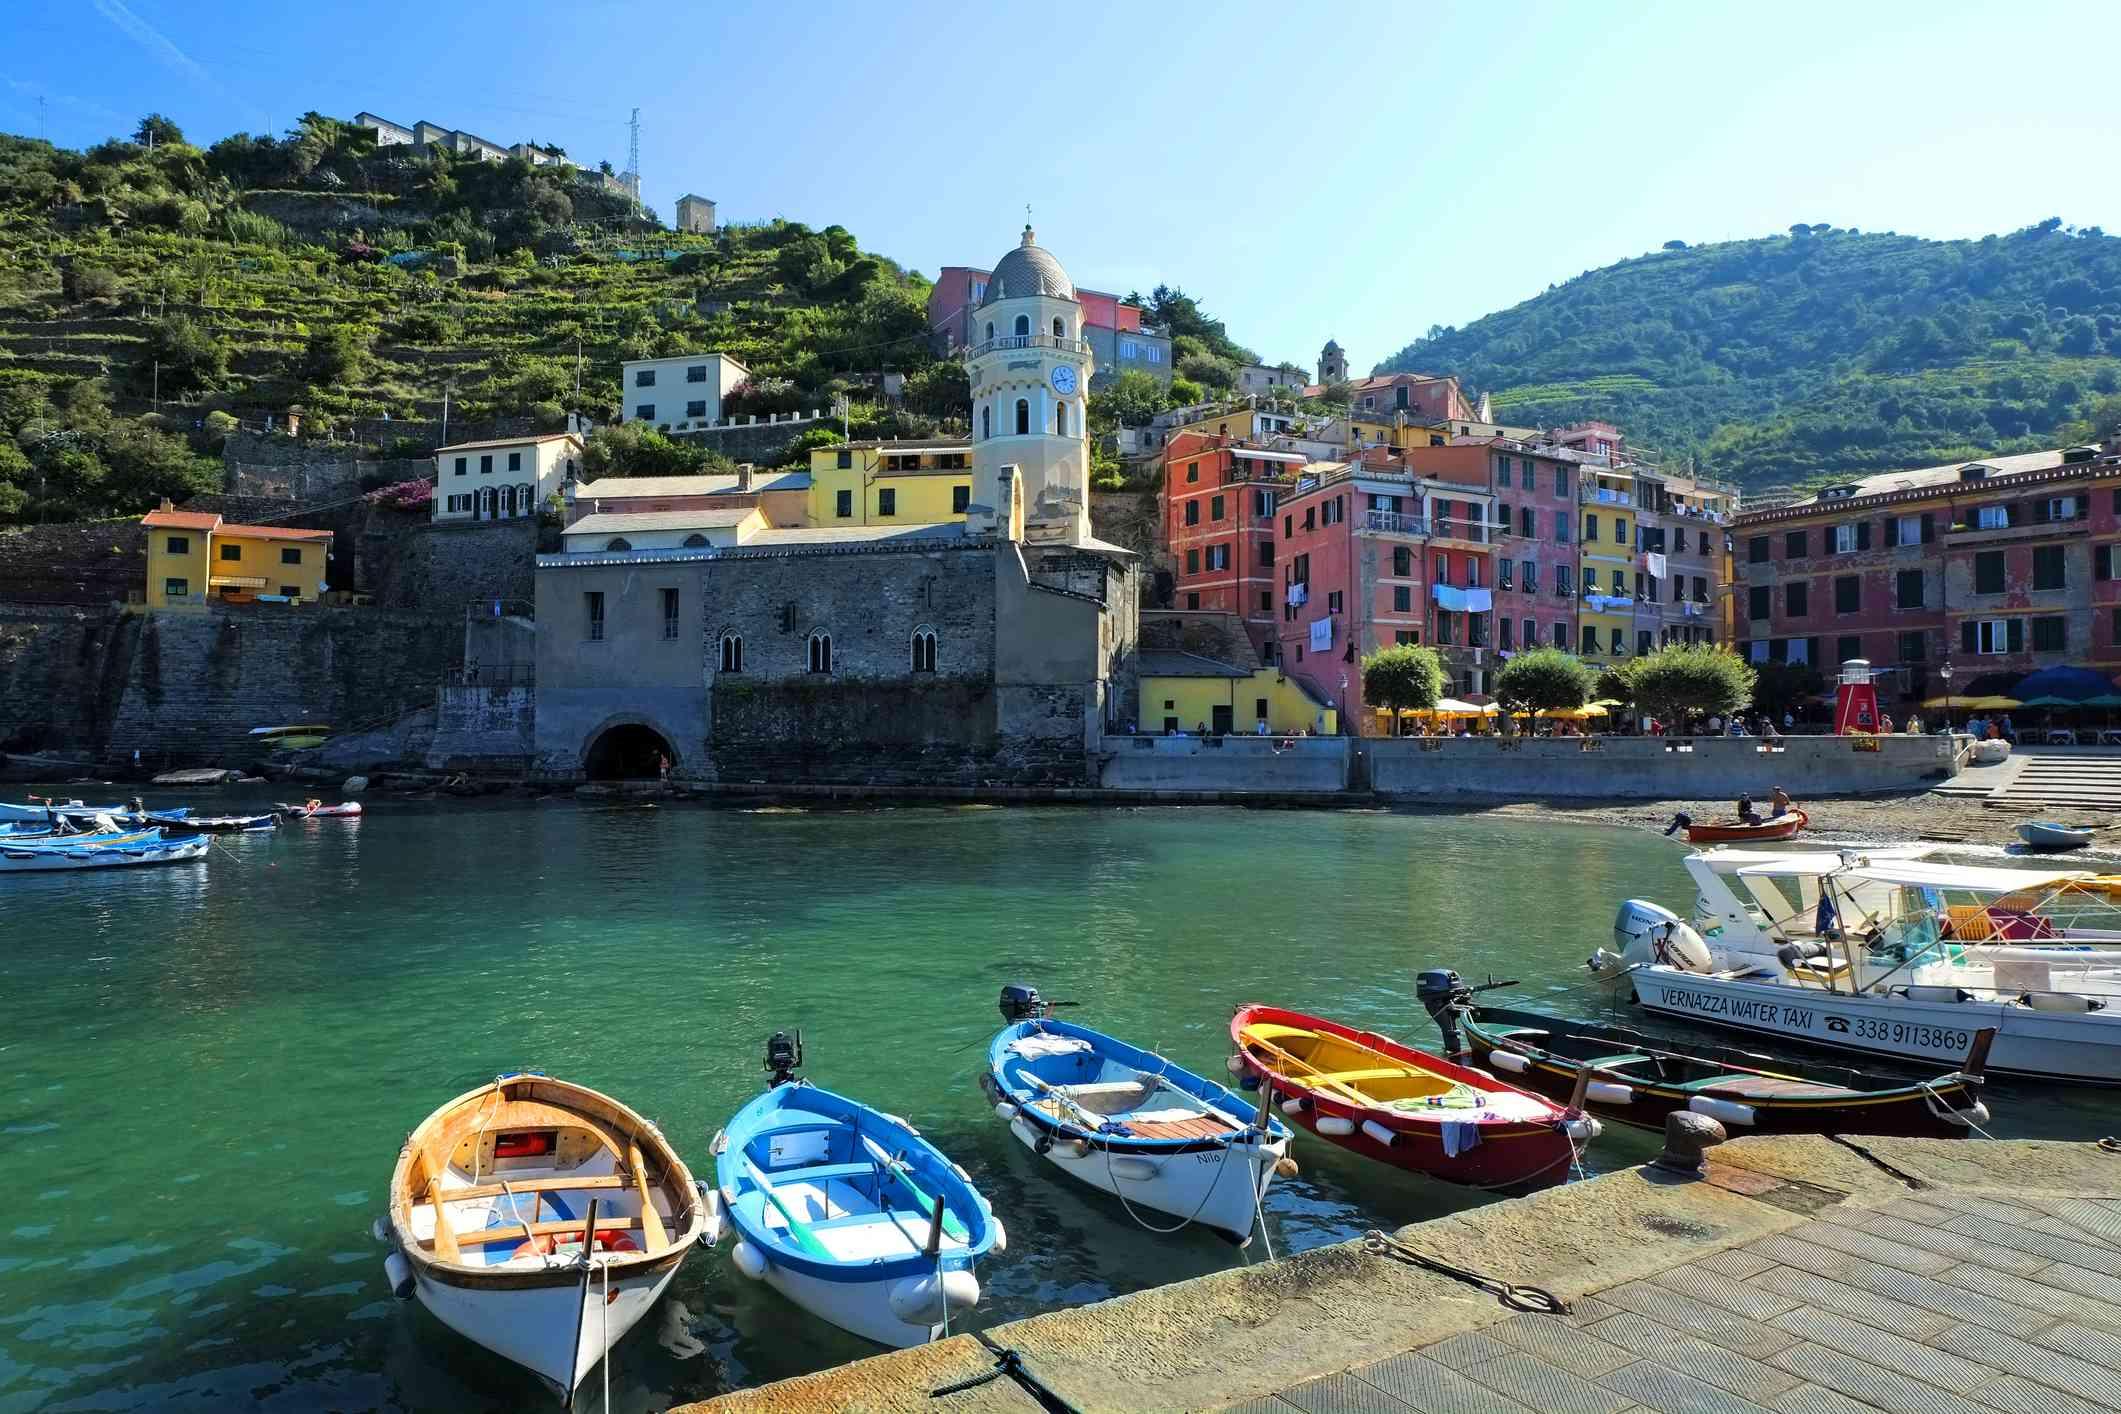 Small boats moored at Vernazza